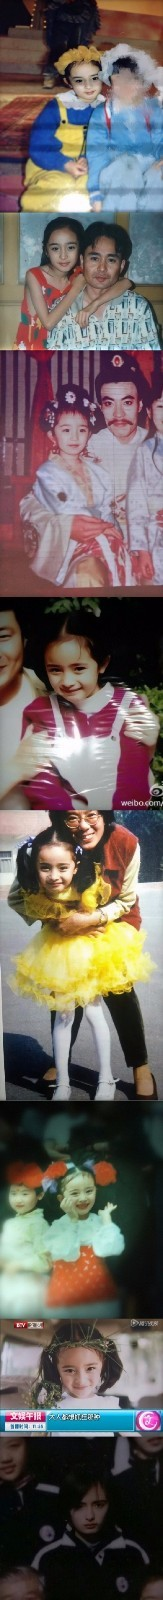 果然是亲爸爸啊!杨幂爸爸觉得她没有小时候好看 杨幂系童星出道